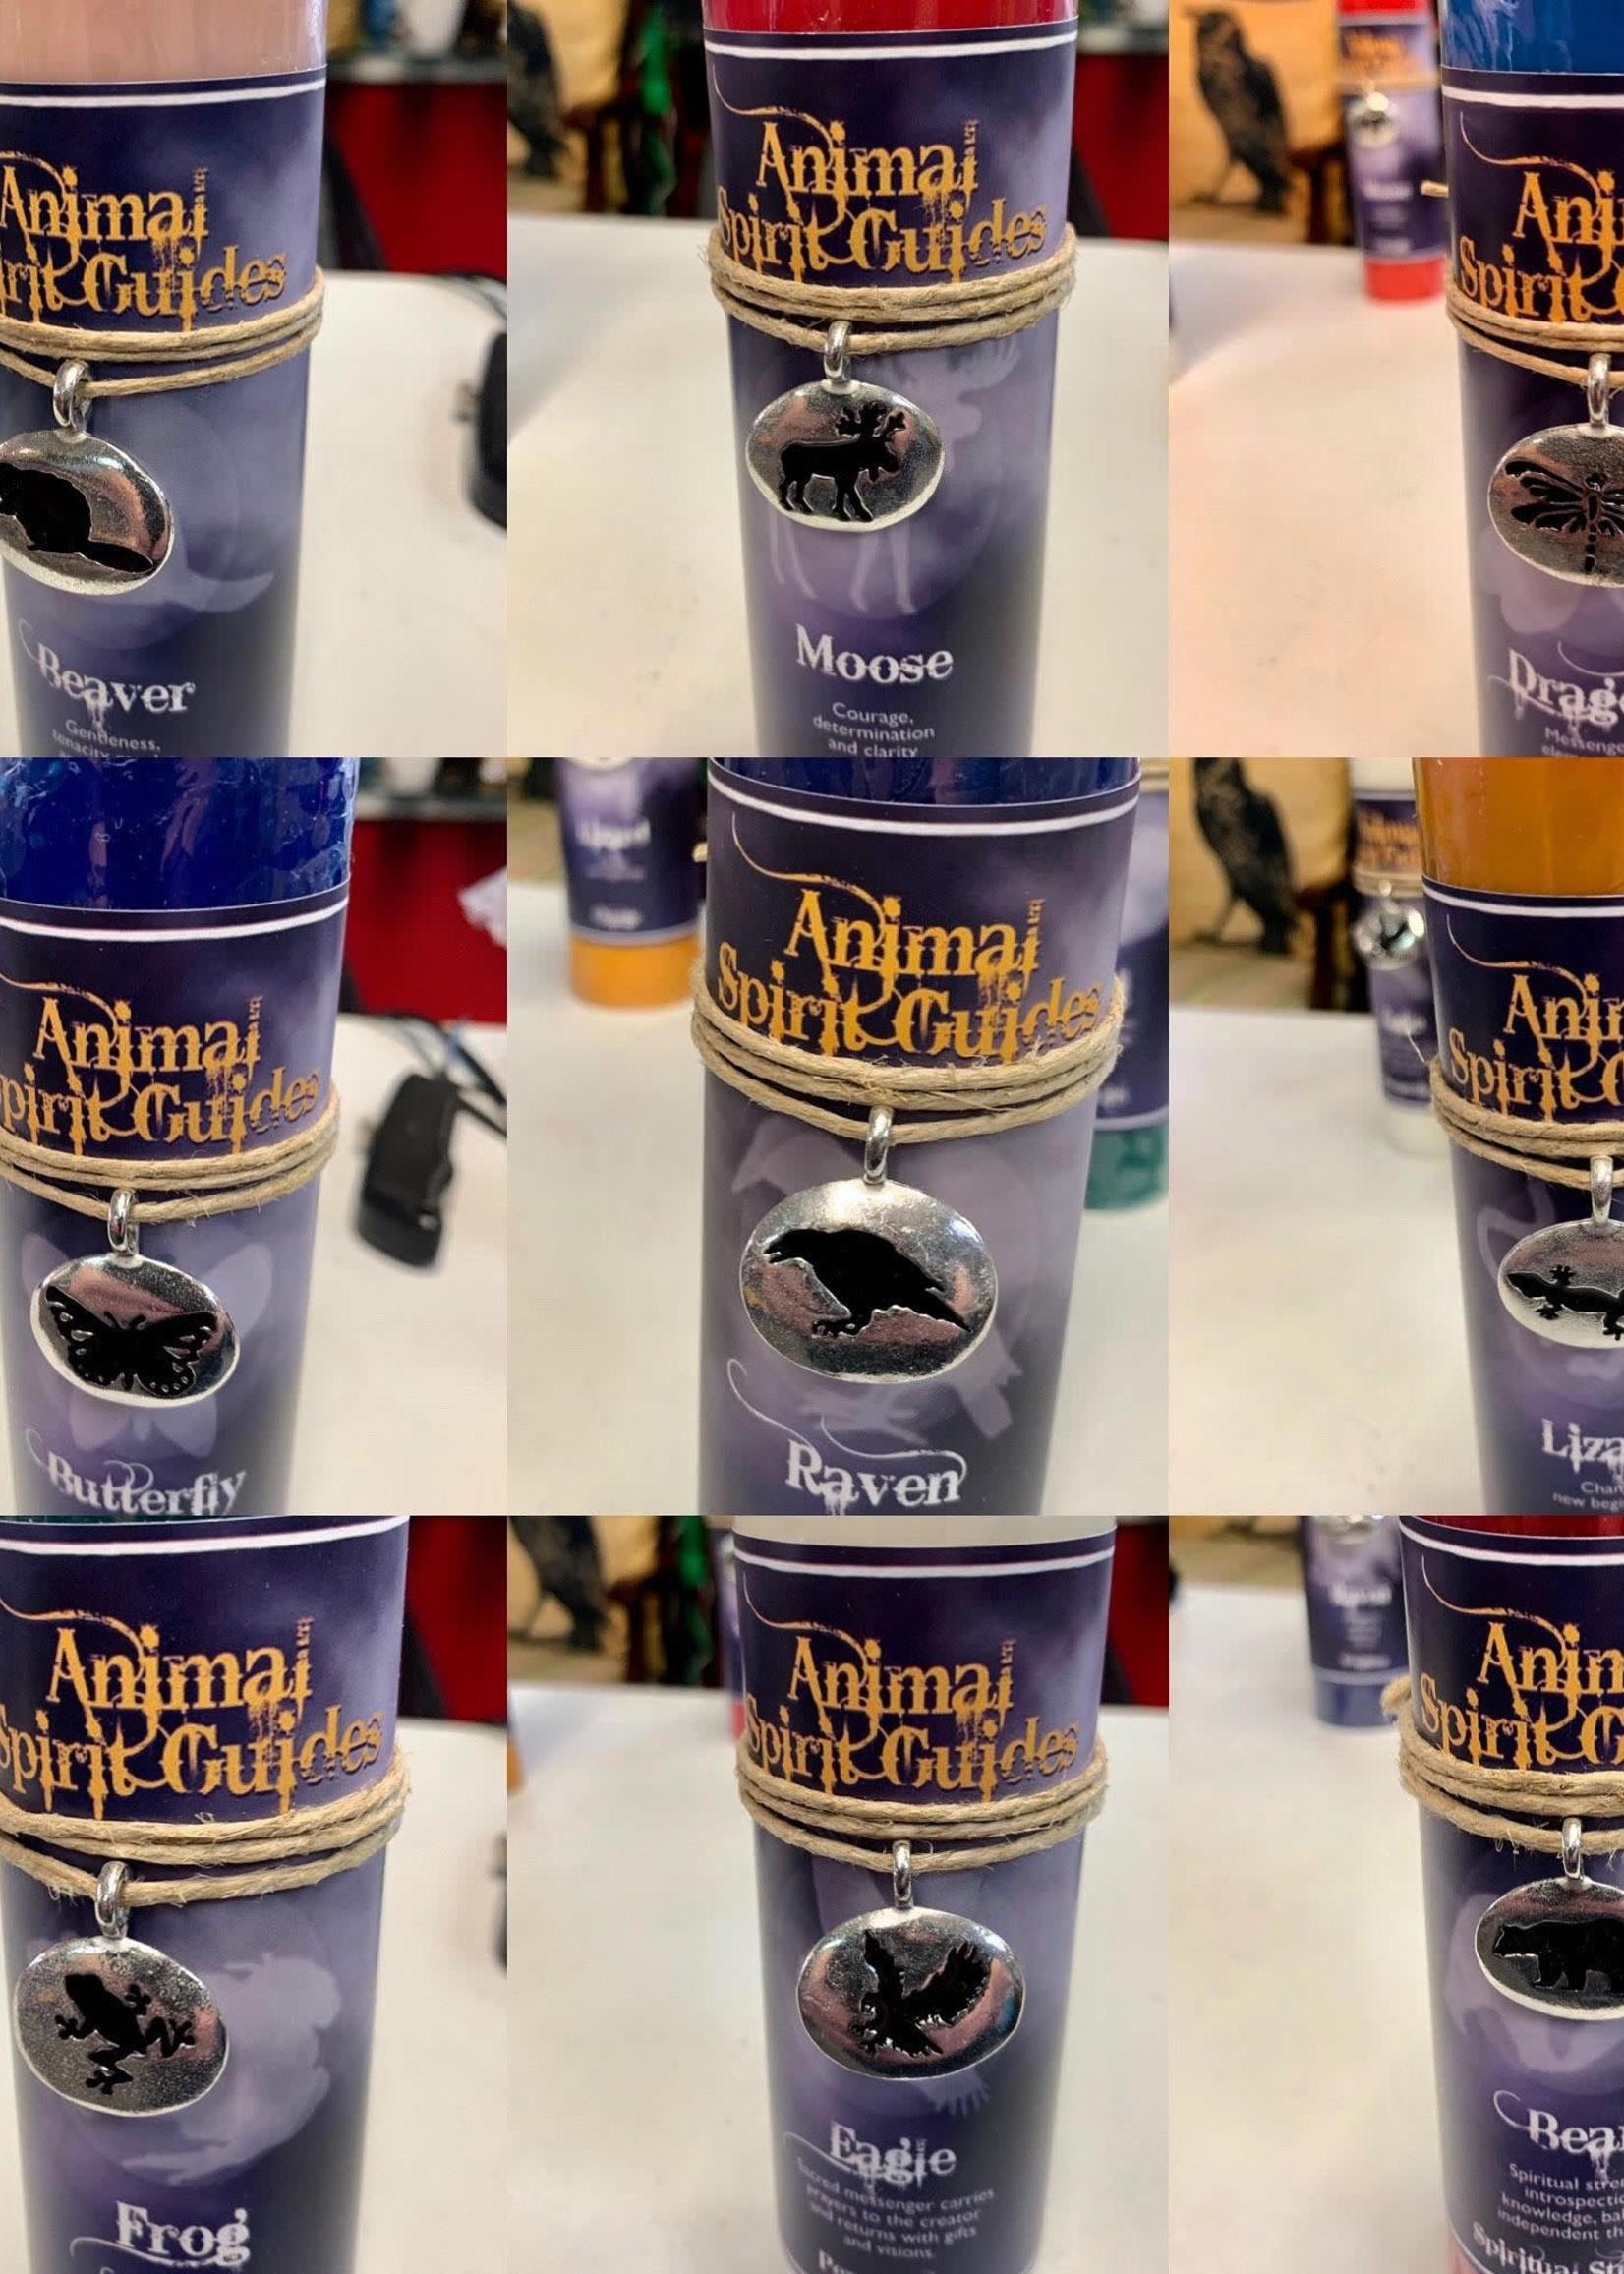 Animal Spirit Guide Candles